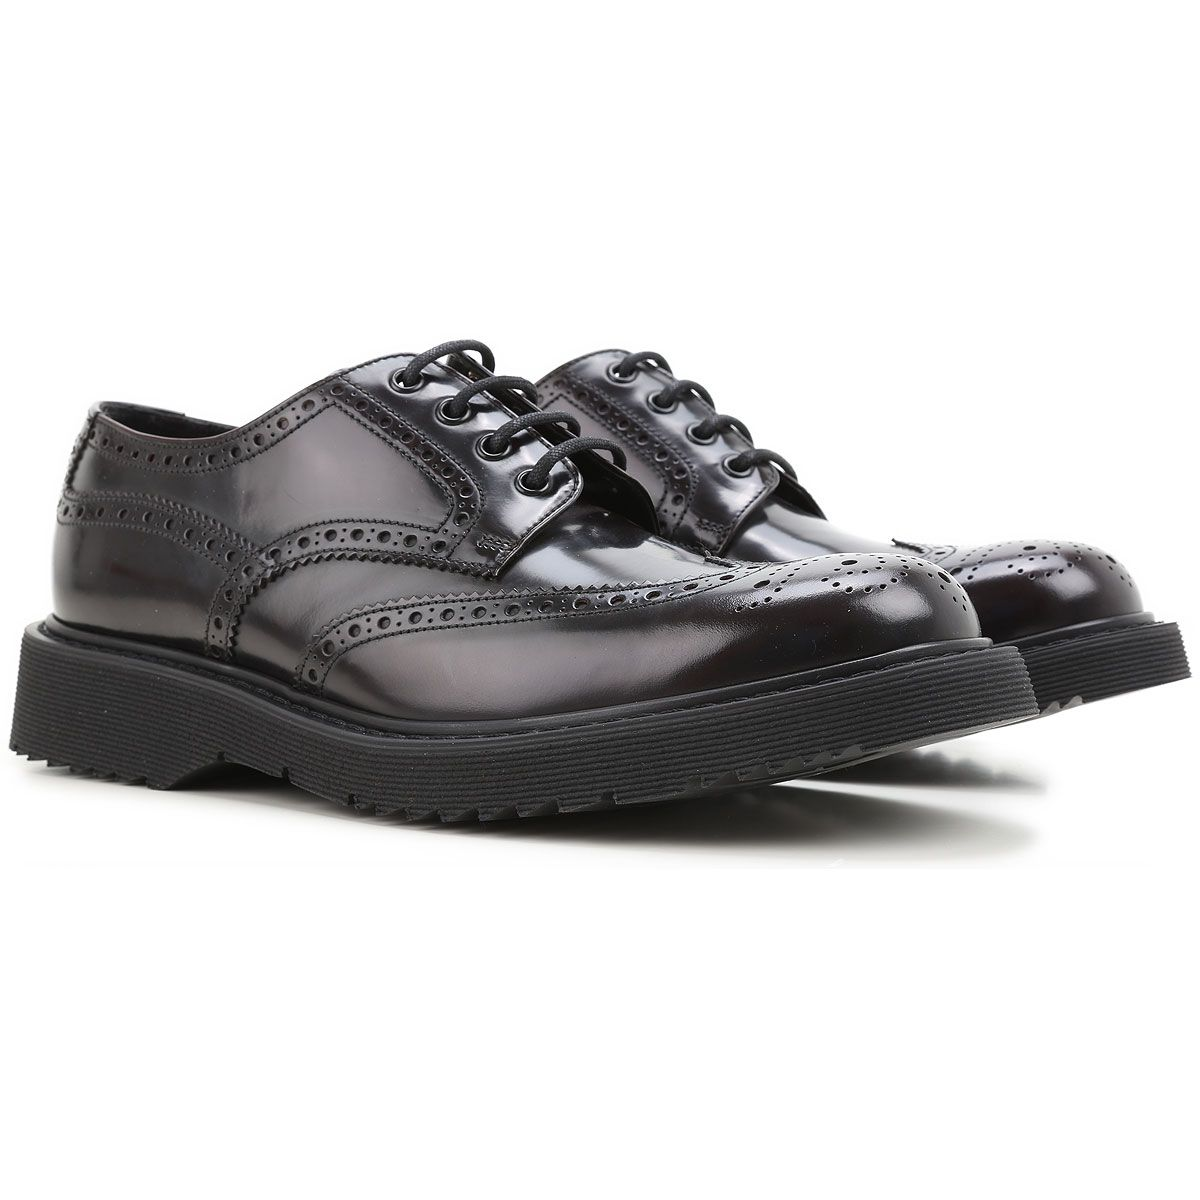 Pour Pour Et Chaussures Prada Chaussures Et Chaussures HommeSneakersMocassins Prada HommeSneakersMocassins dsCQthr